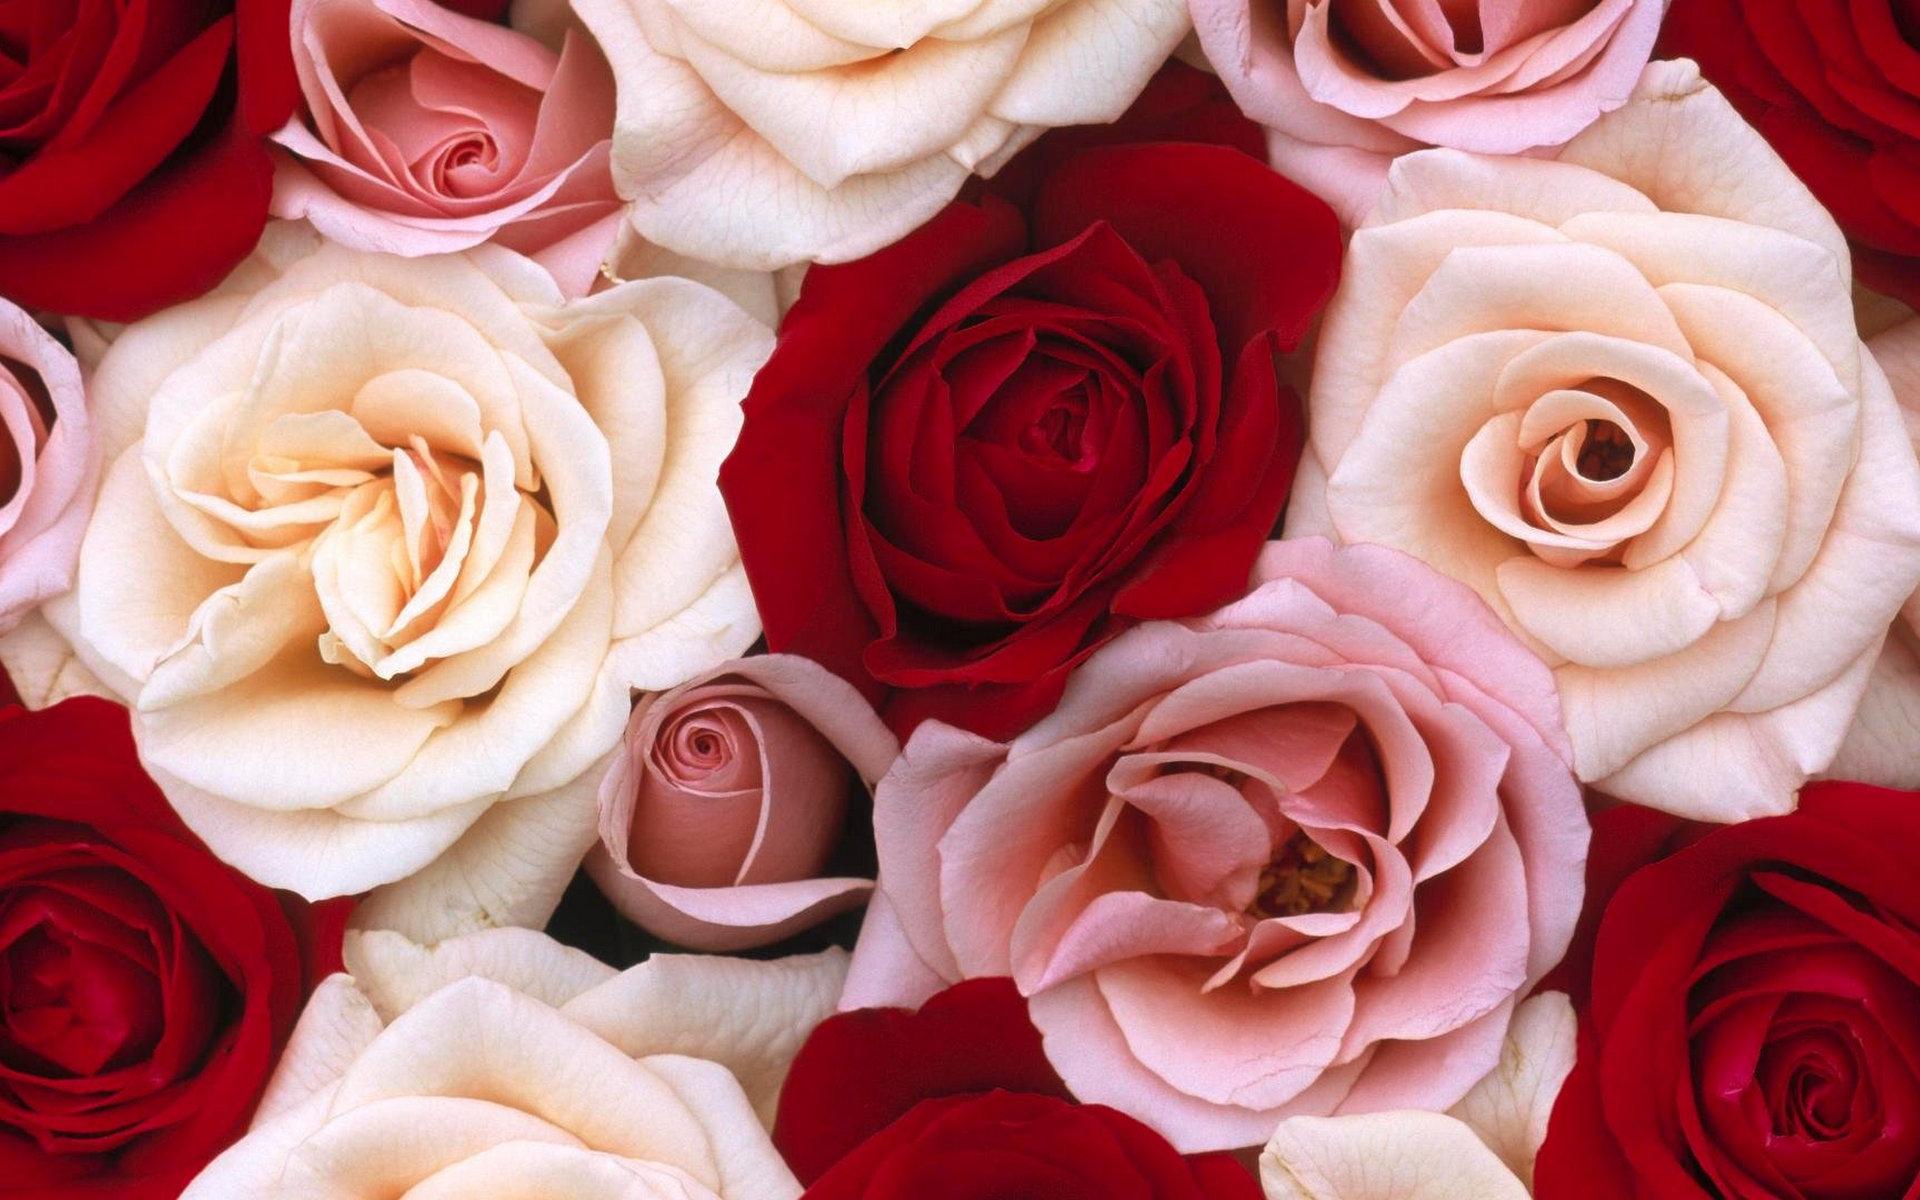 Самые красивые обои розы на рабочий стол скачать бесплатно